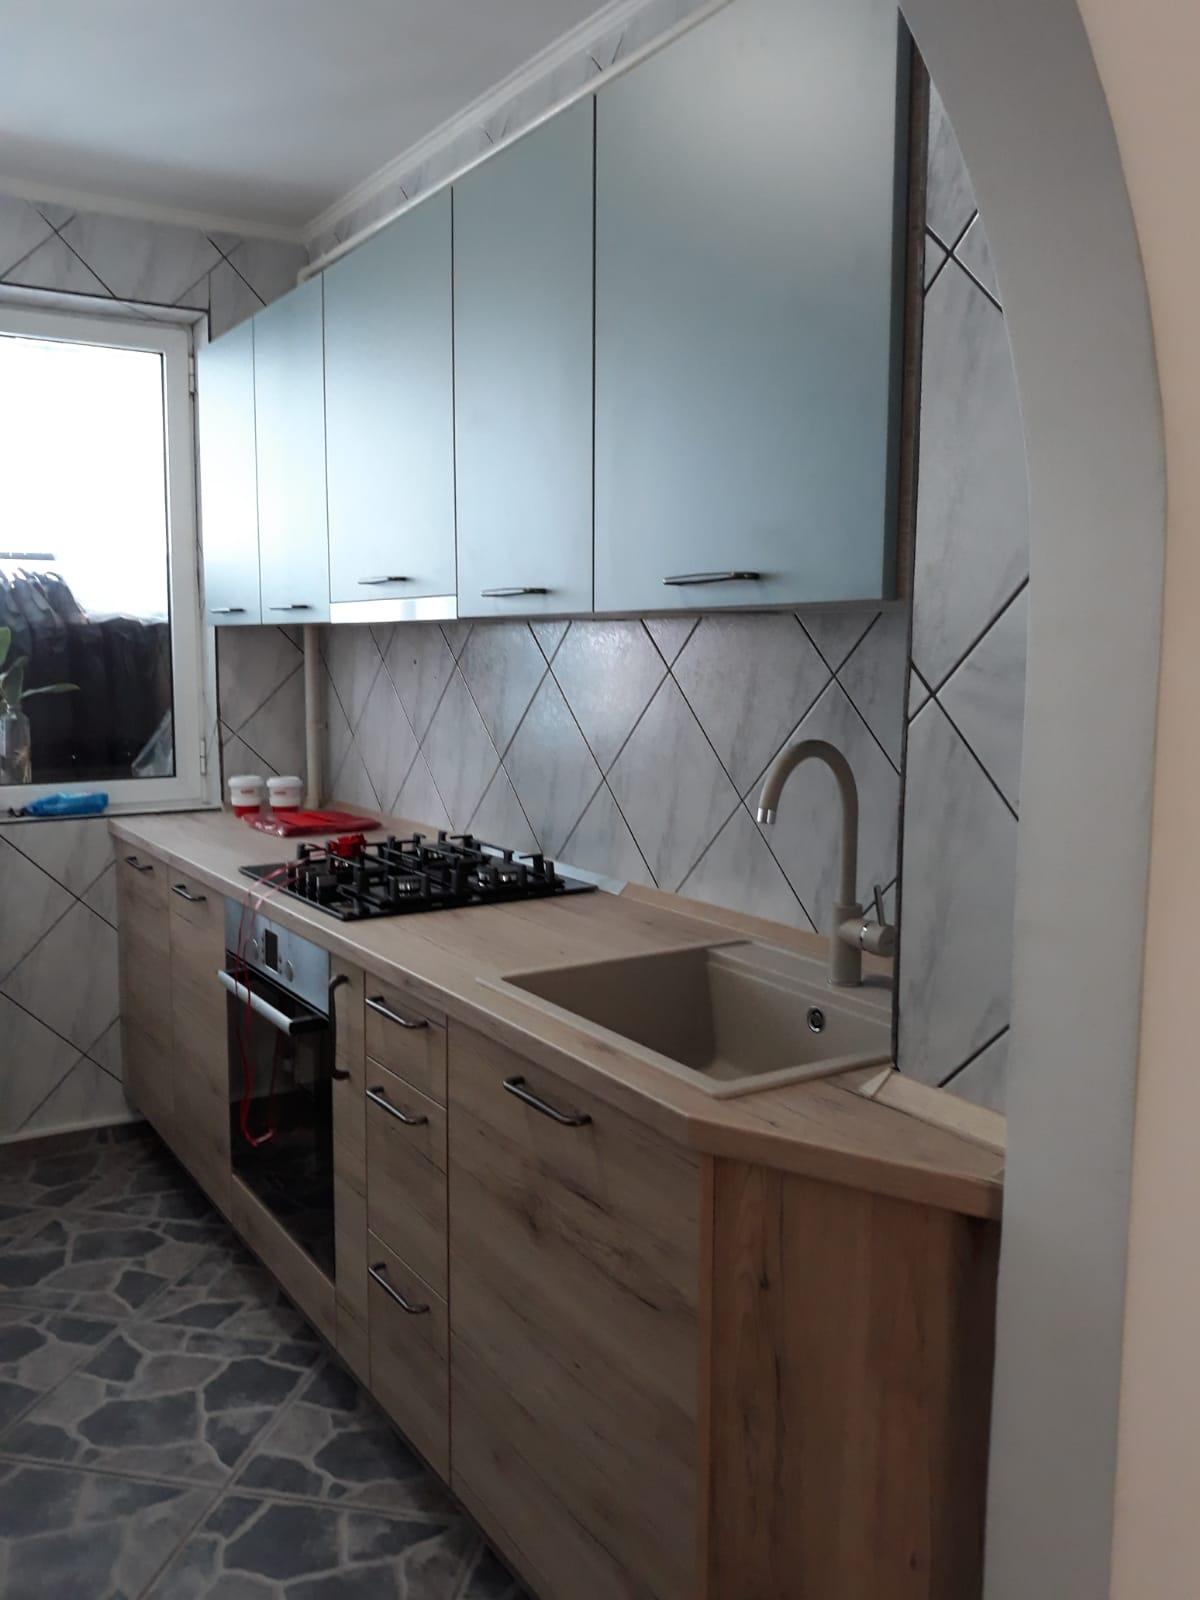 Referință - Bucătărie modernă Nobilia Riva - Stejar Sanremo / Apă Albastră